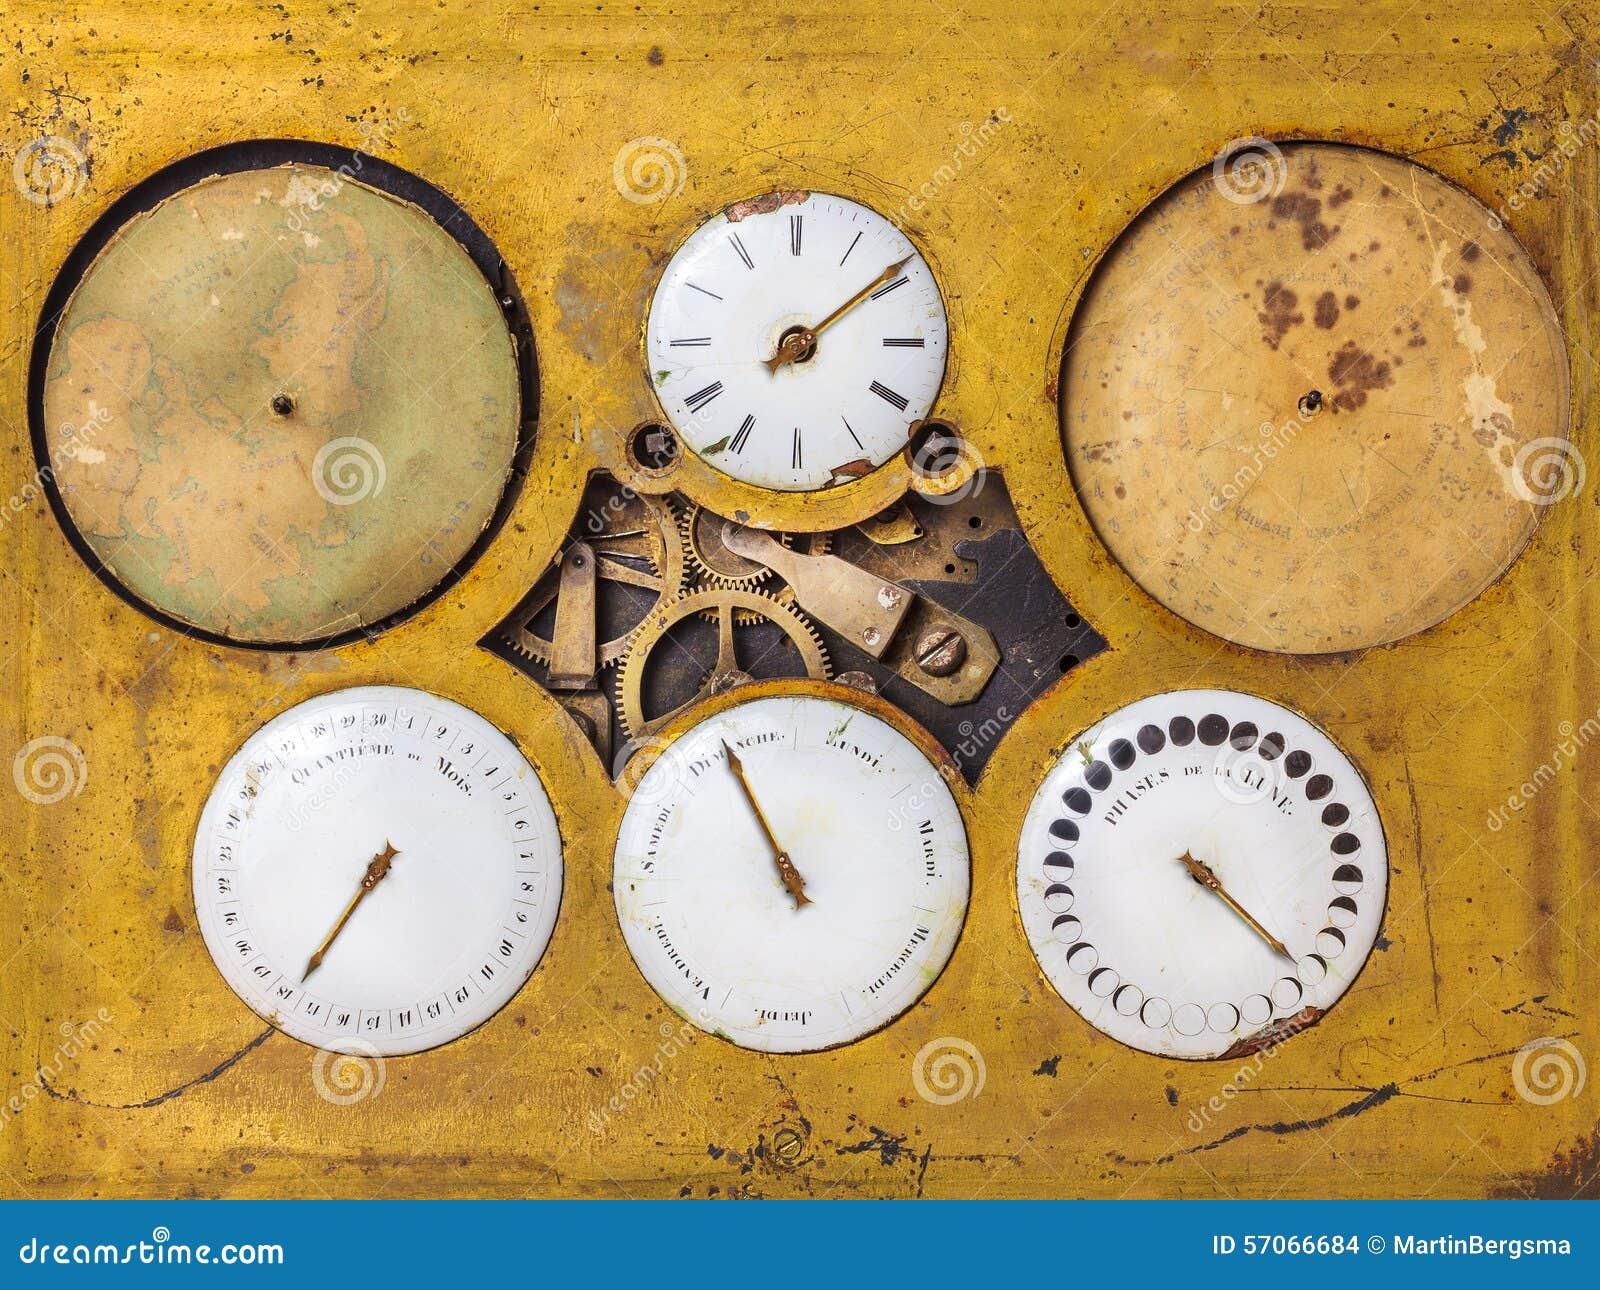 Oude astronomische timepiece met zes bewegende delen